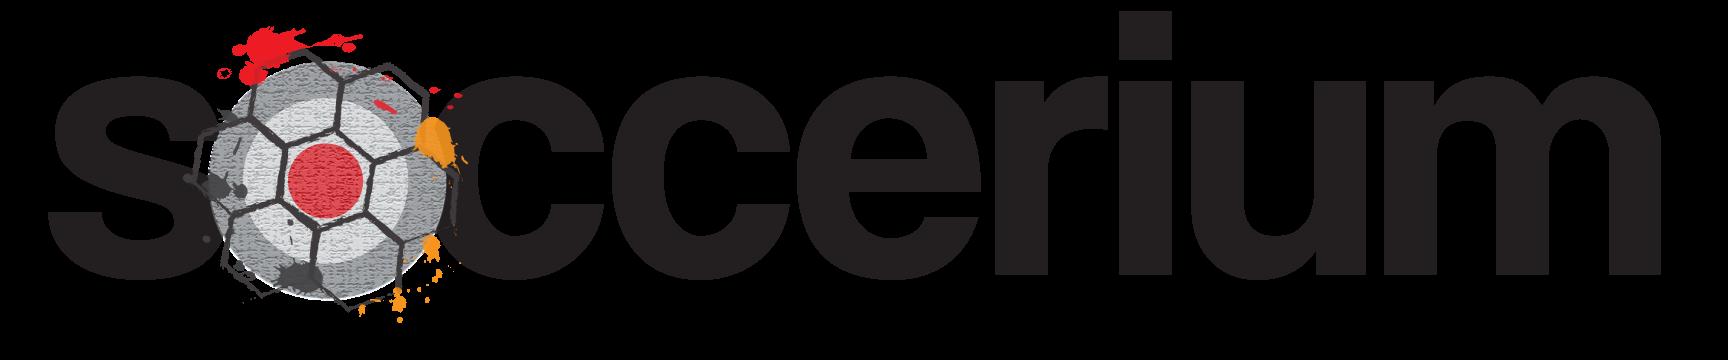 Soccerium Logo